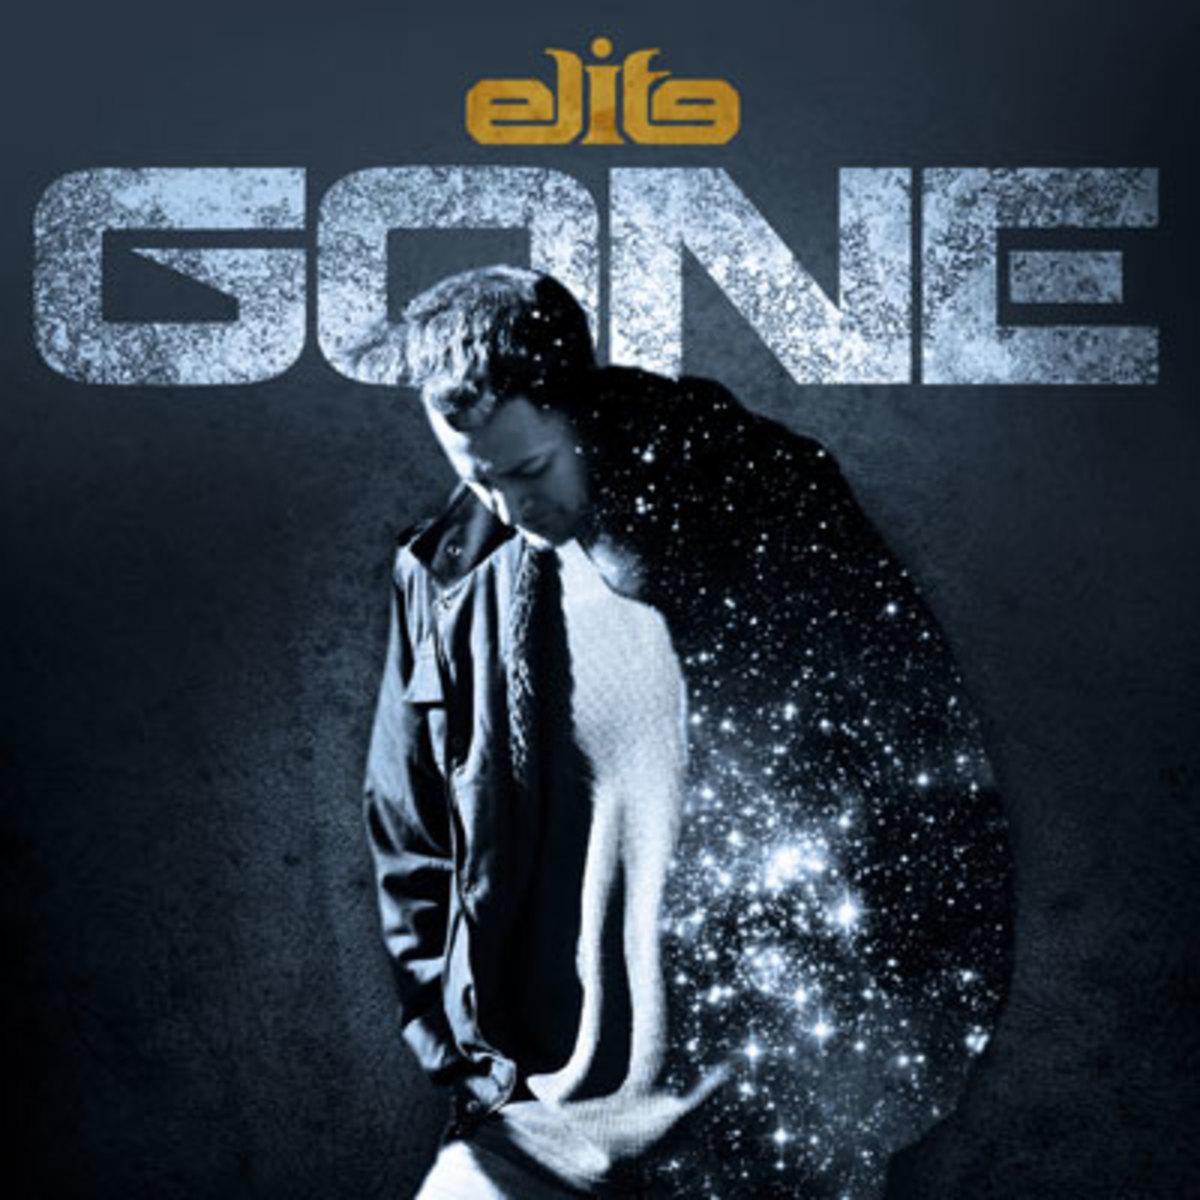 elite-gone.jpg